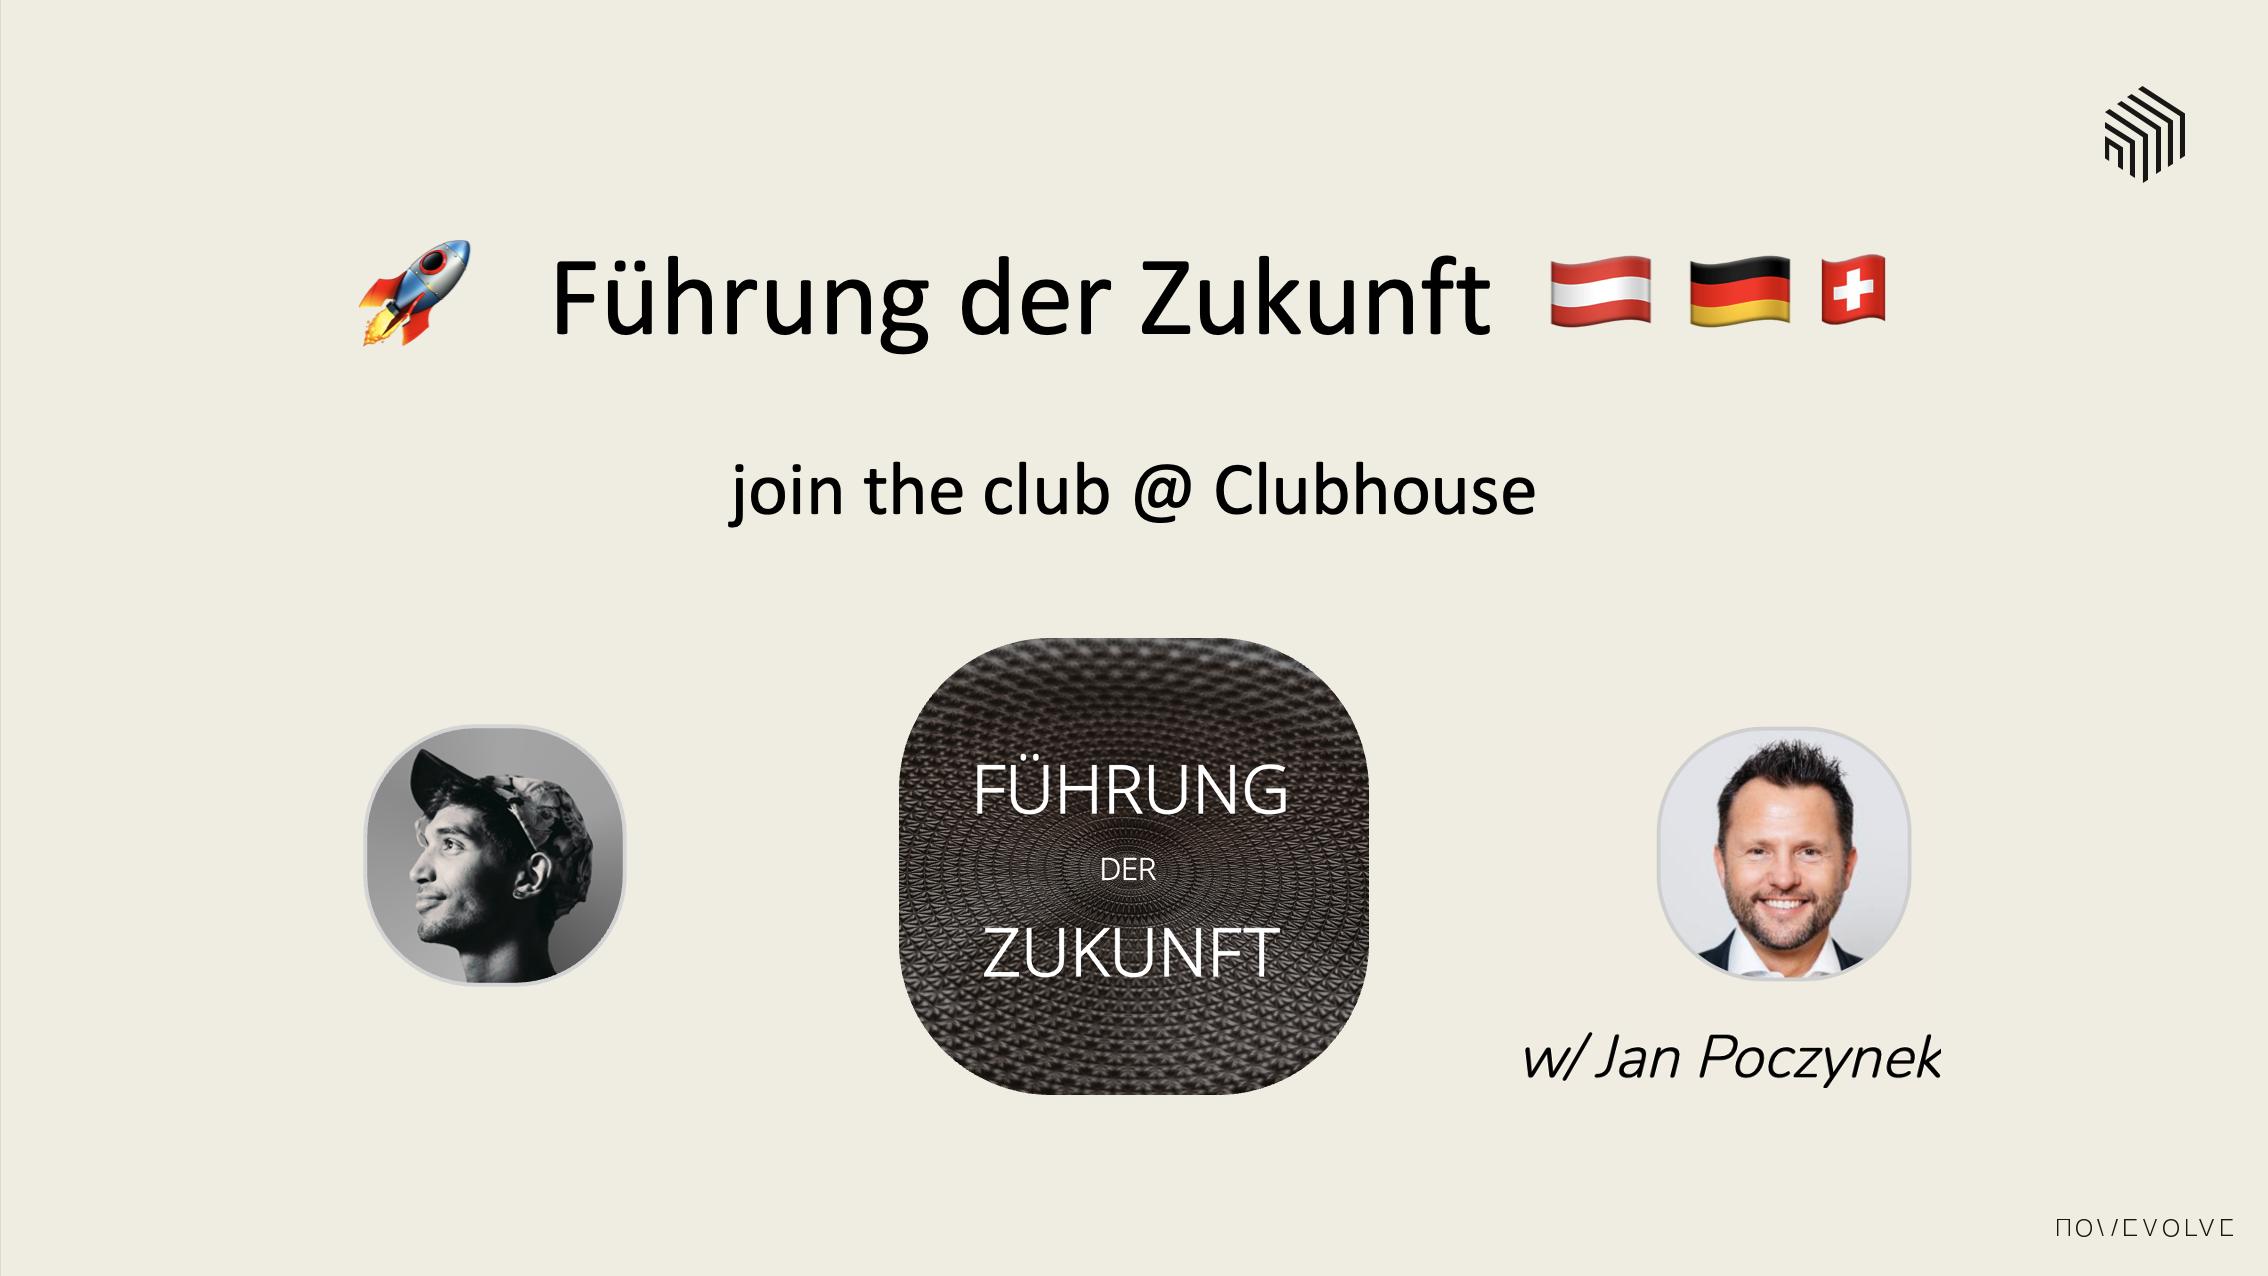 Führung der Zukunft - Clubhouse - NOWEVOLVE